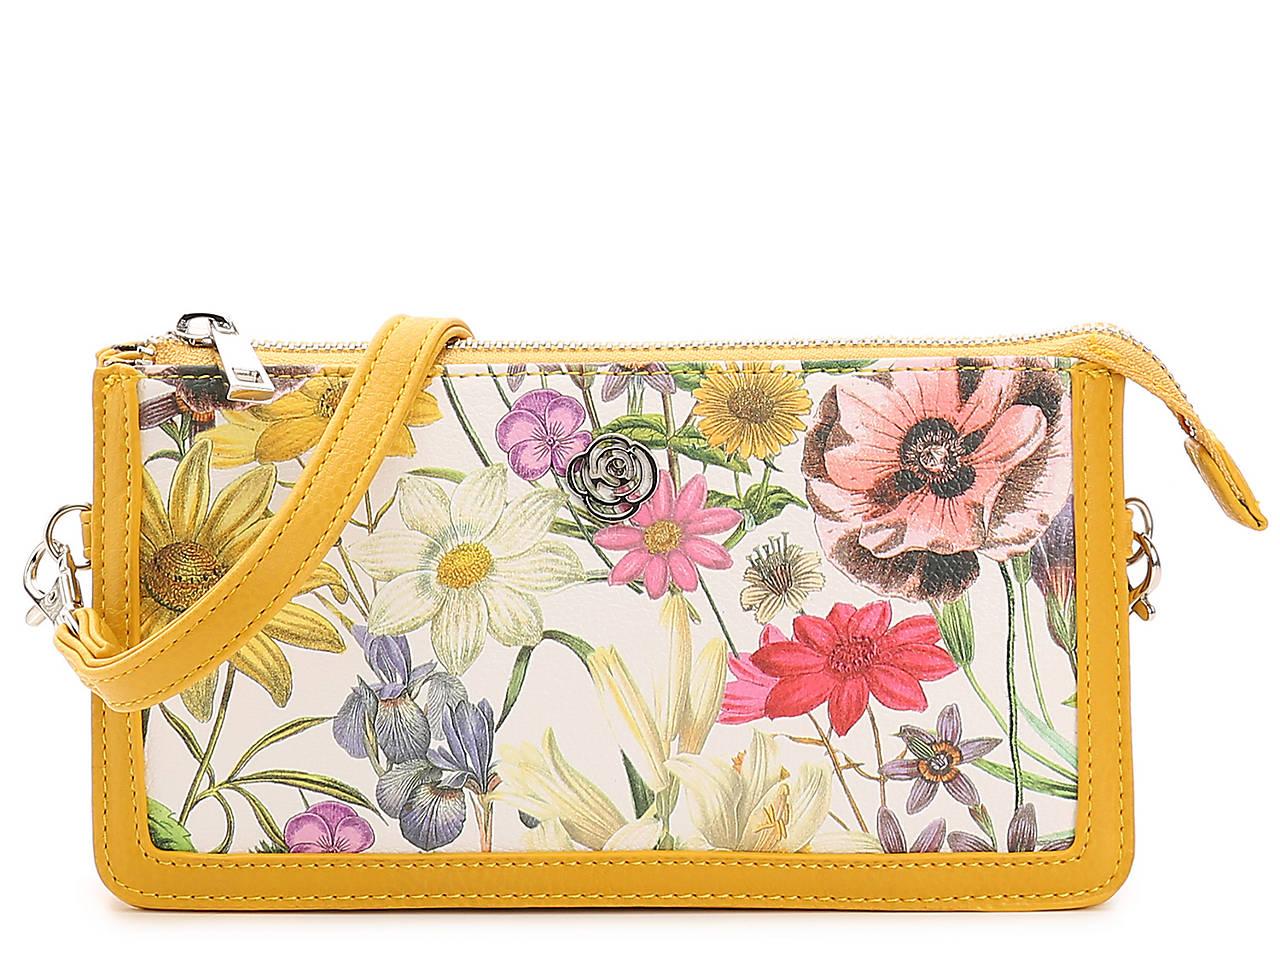 764120b48 Carlos by Carlos Santana Floral Crossbody Bag Women s Handbags ...